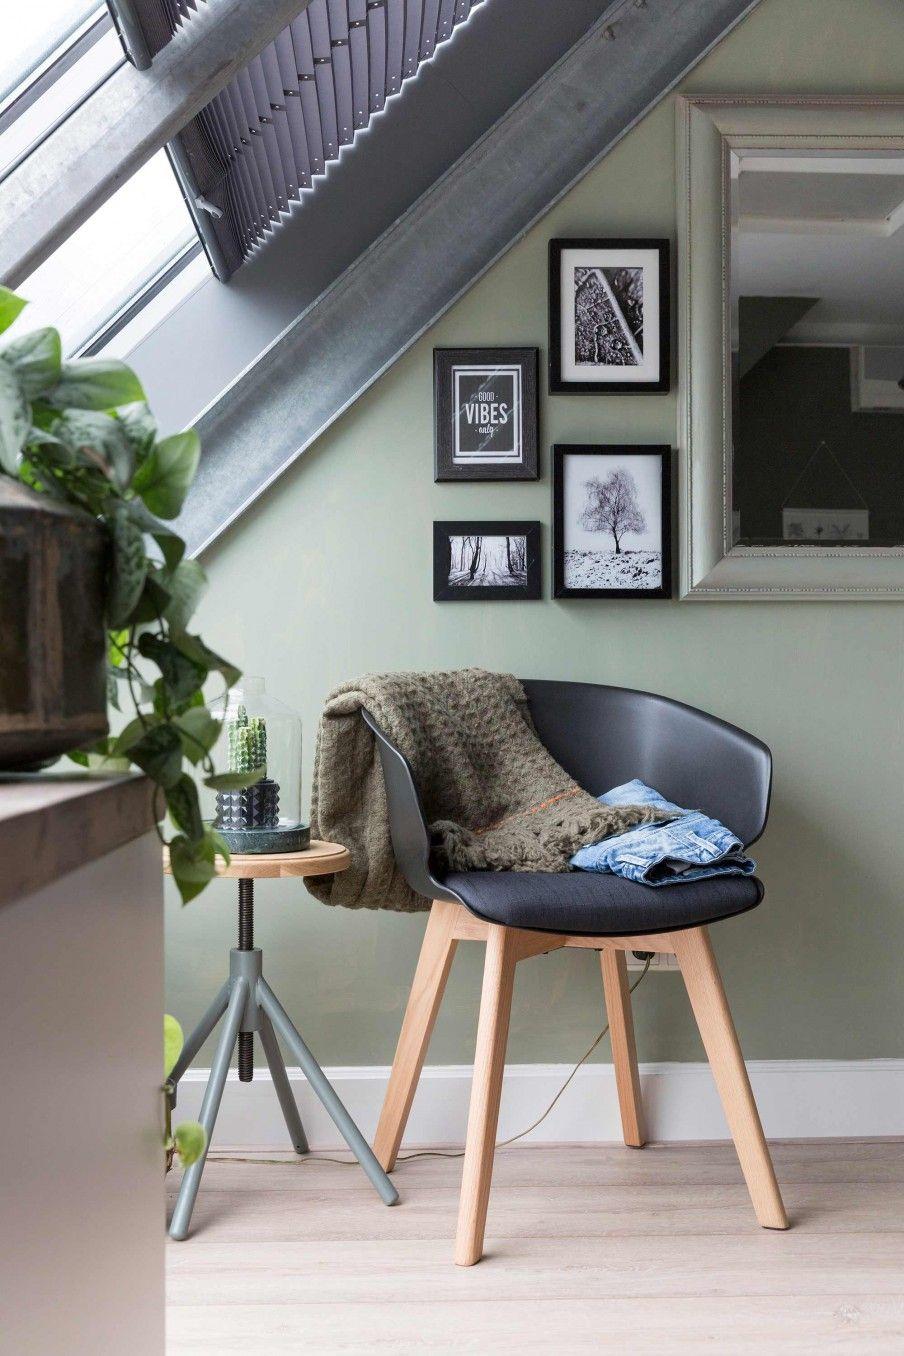 groene slaapkamer met zwarte stoel green bedroom with black chair vtwonen 10 2017 fotografie margriet hoekstra styling barbara natzijl